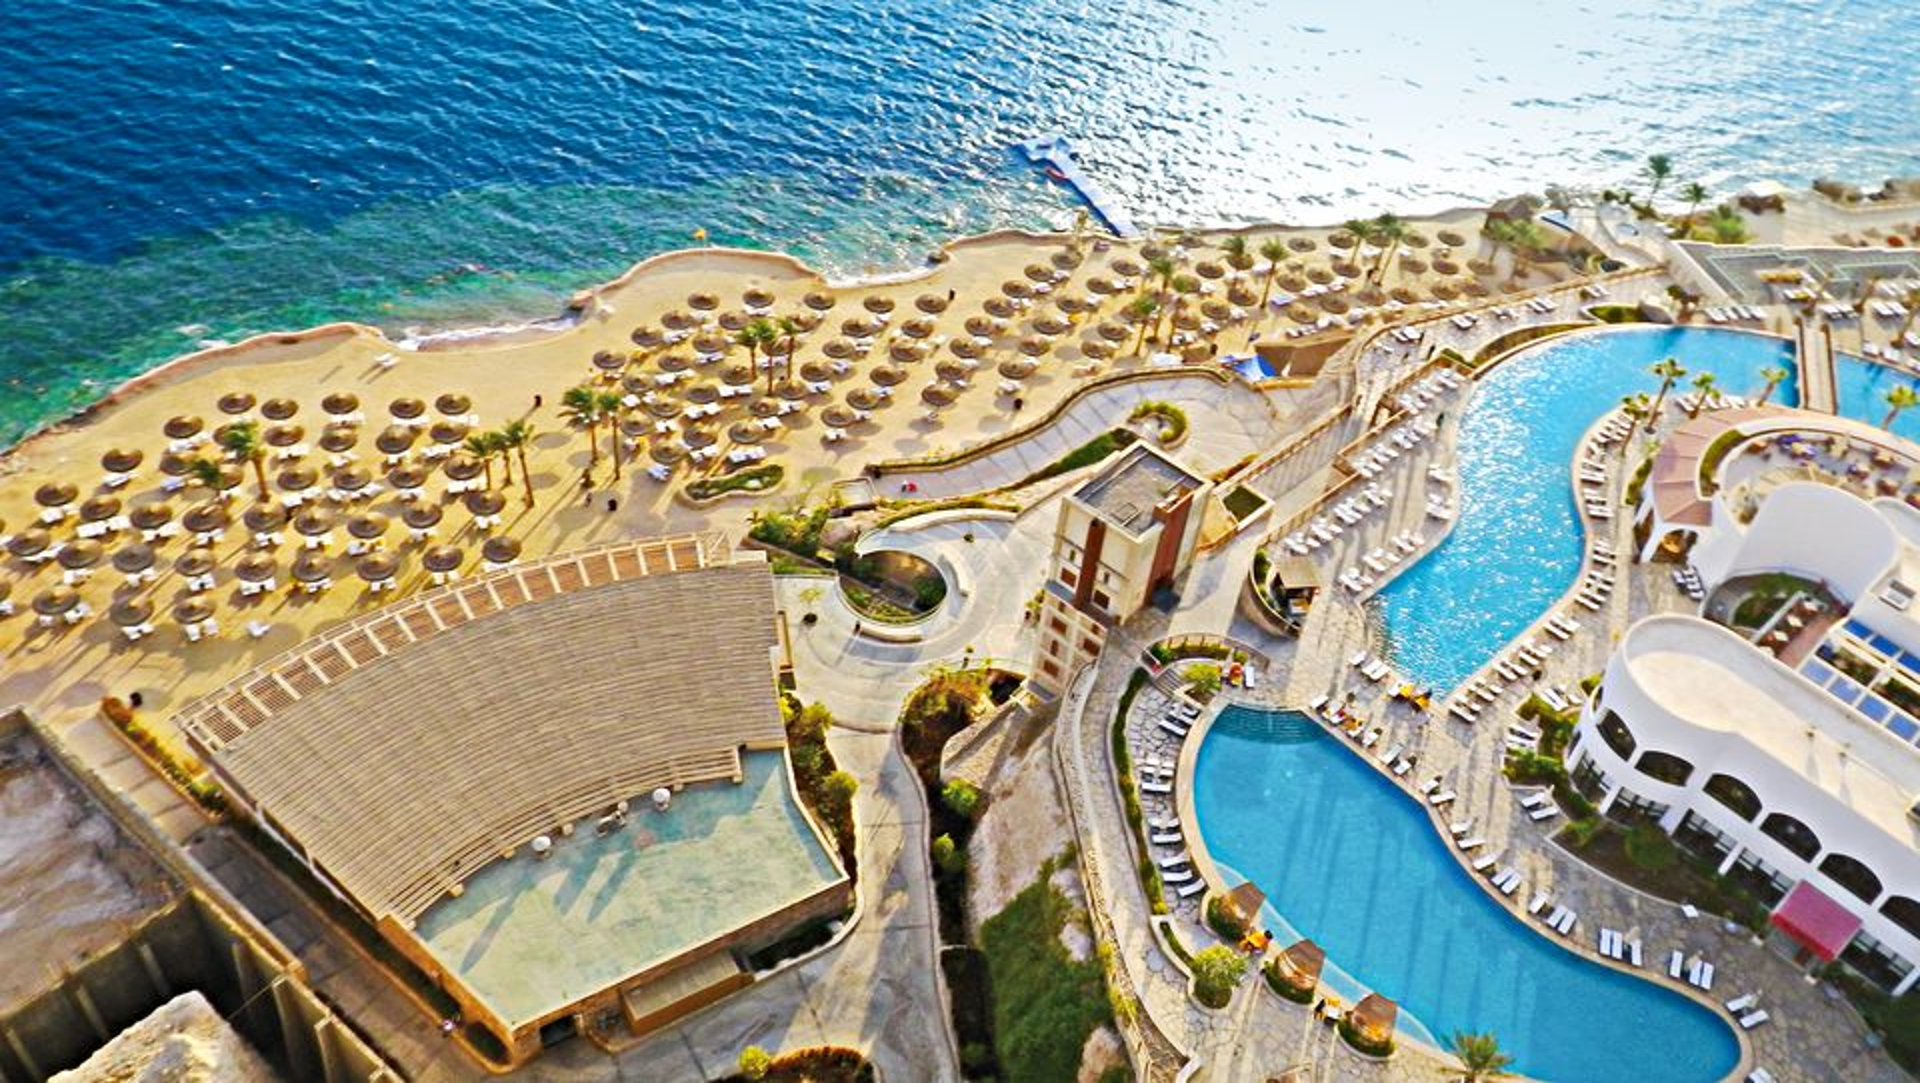 Hôtel reef oasis blu bay resort et spa 5*